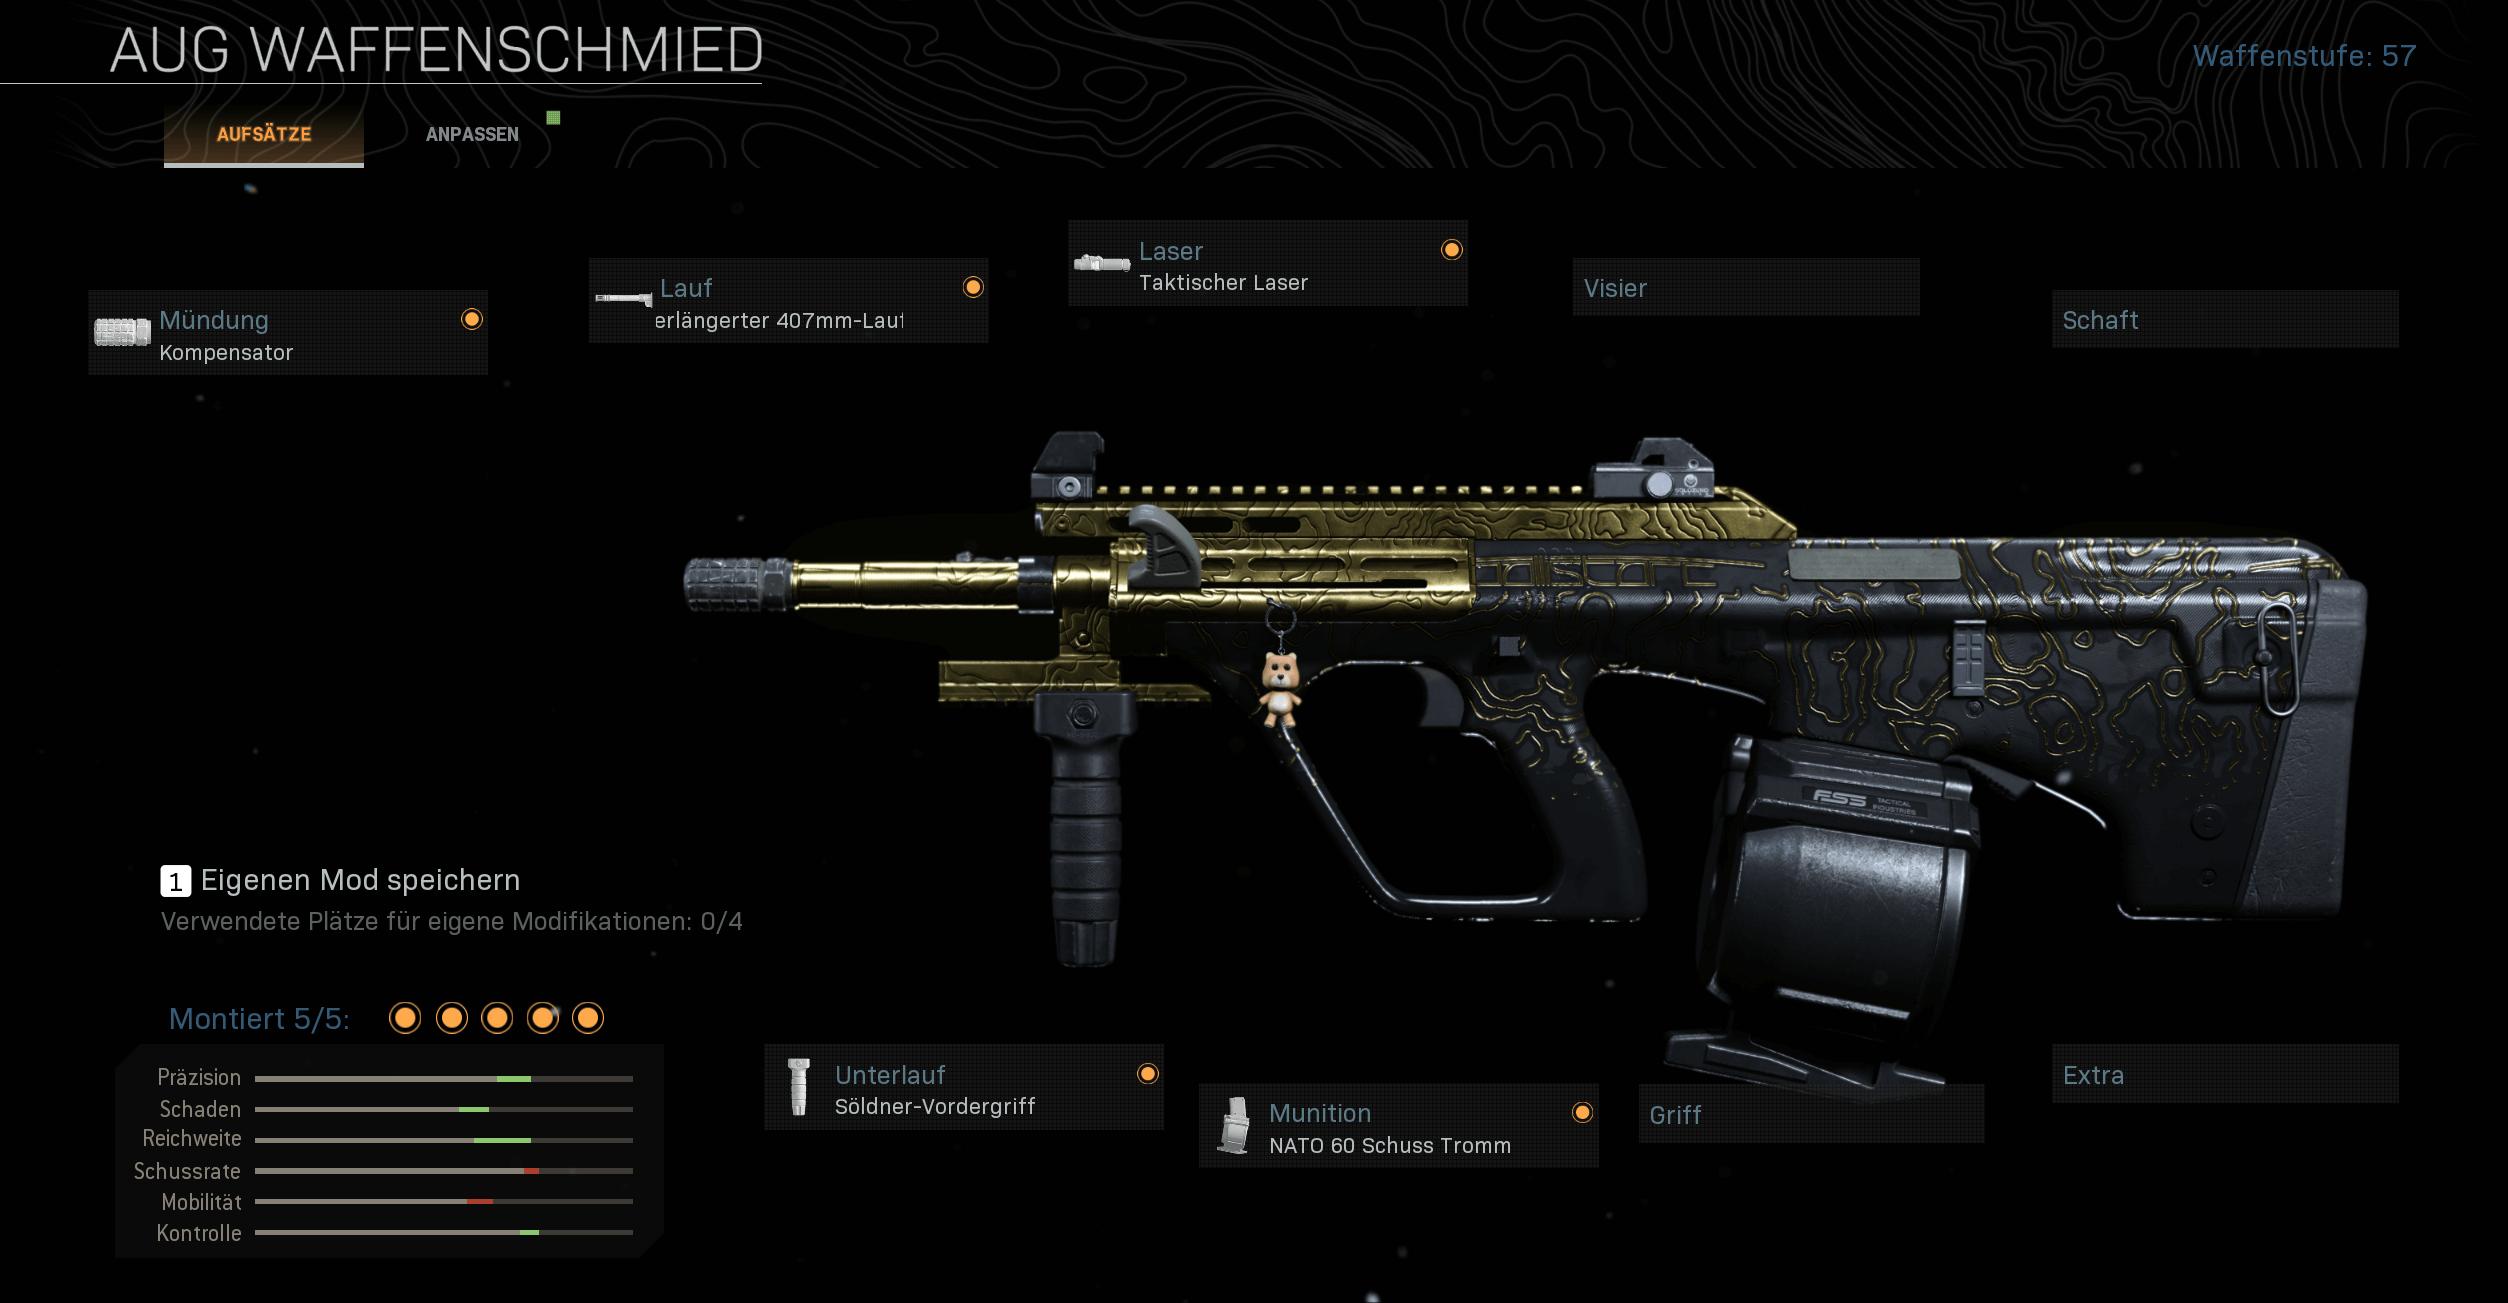 Das beste Waffen Setup der AUG